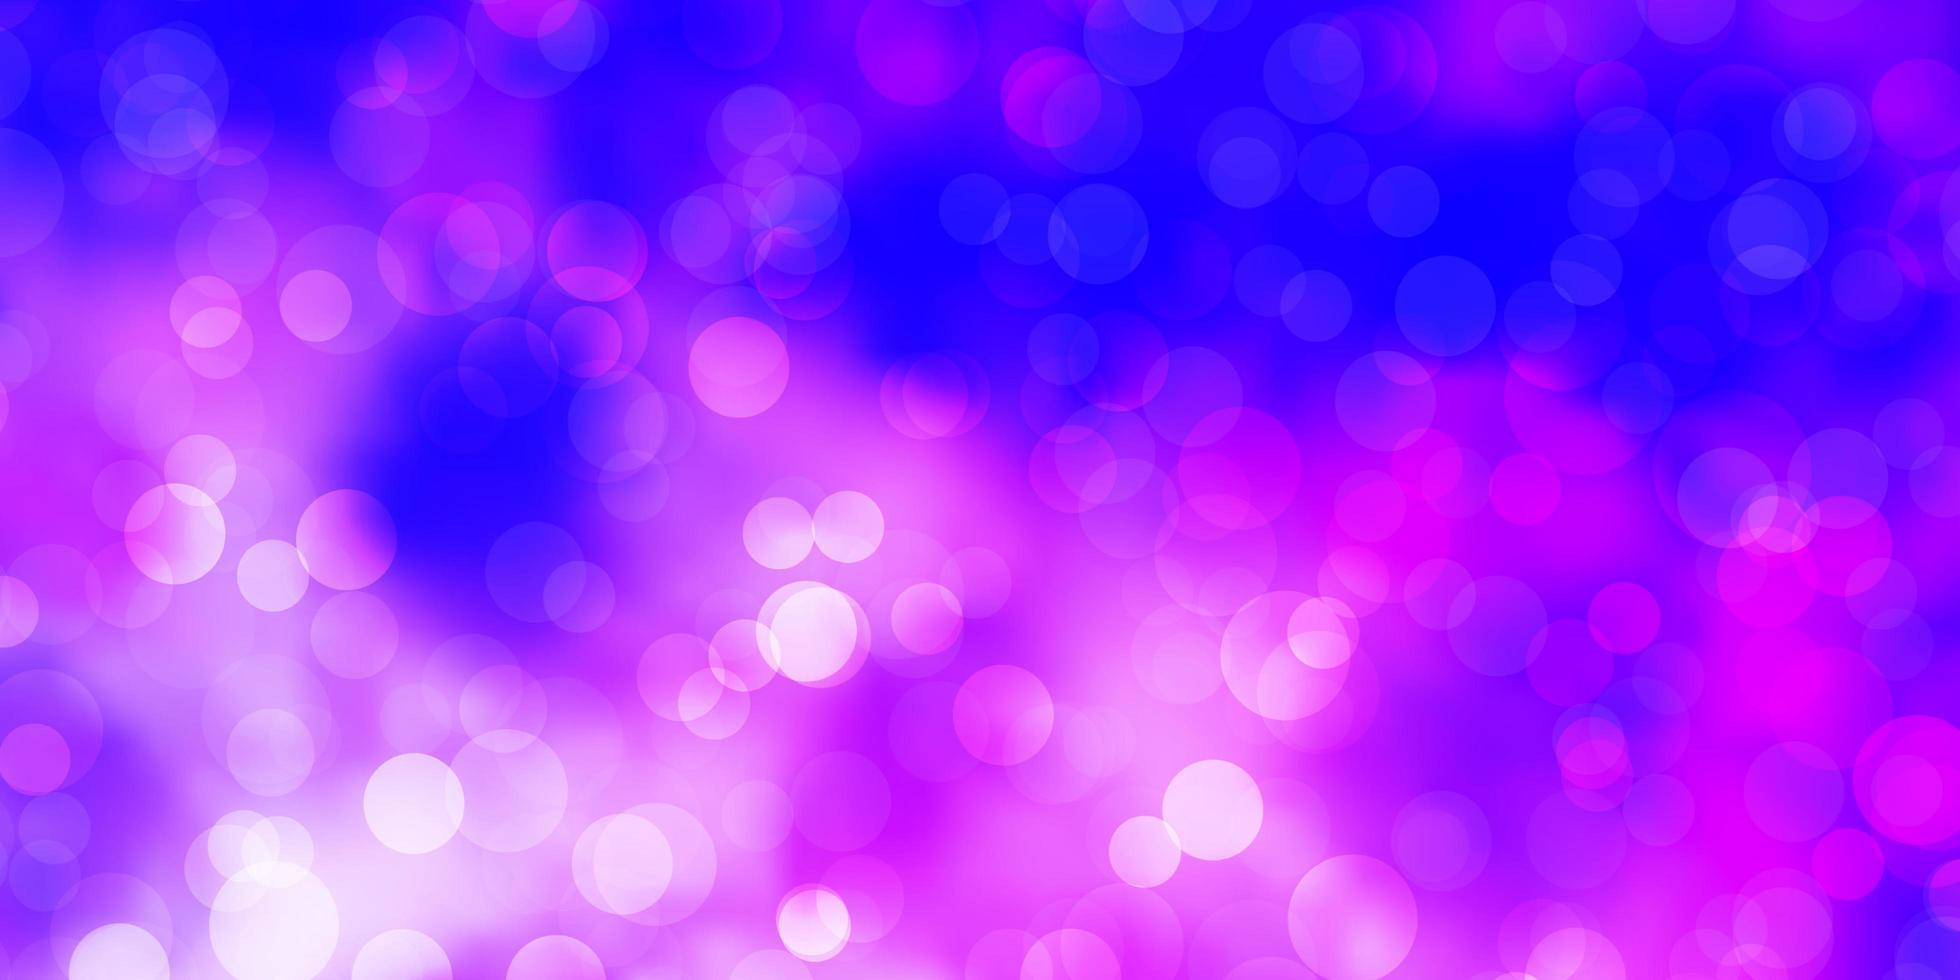 ljusrosa, blå vektorbakgrund med cirklar vektor